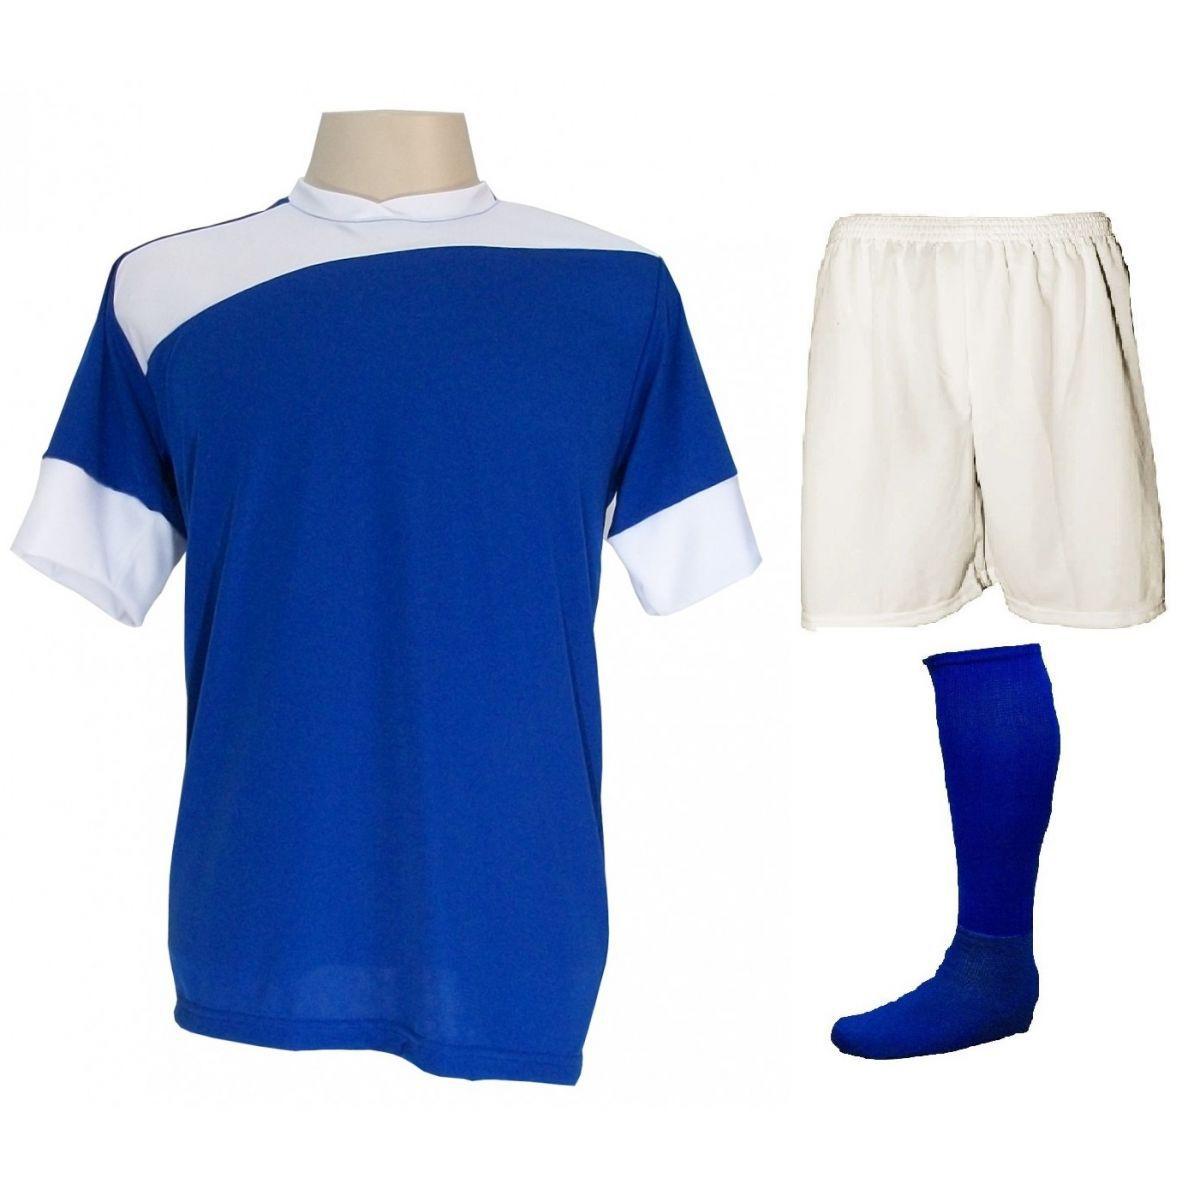 Uniforme Esportivo Completo modelo 20+1 (20 camisas Sporting Royal/Branco + 20 calções Madrid Branco + 20 pares de meiões Royal + 1 conjunto de goleiro) + Brindes